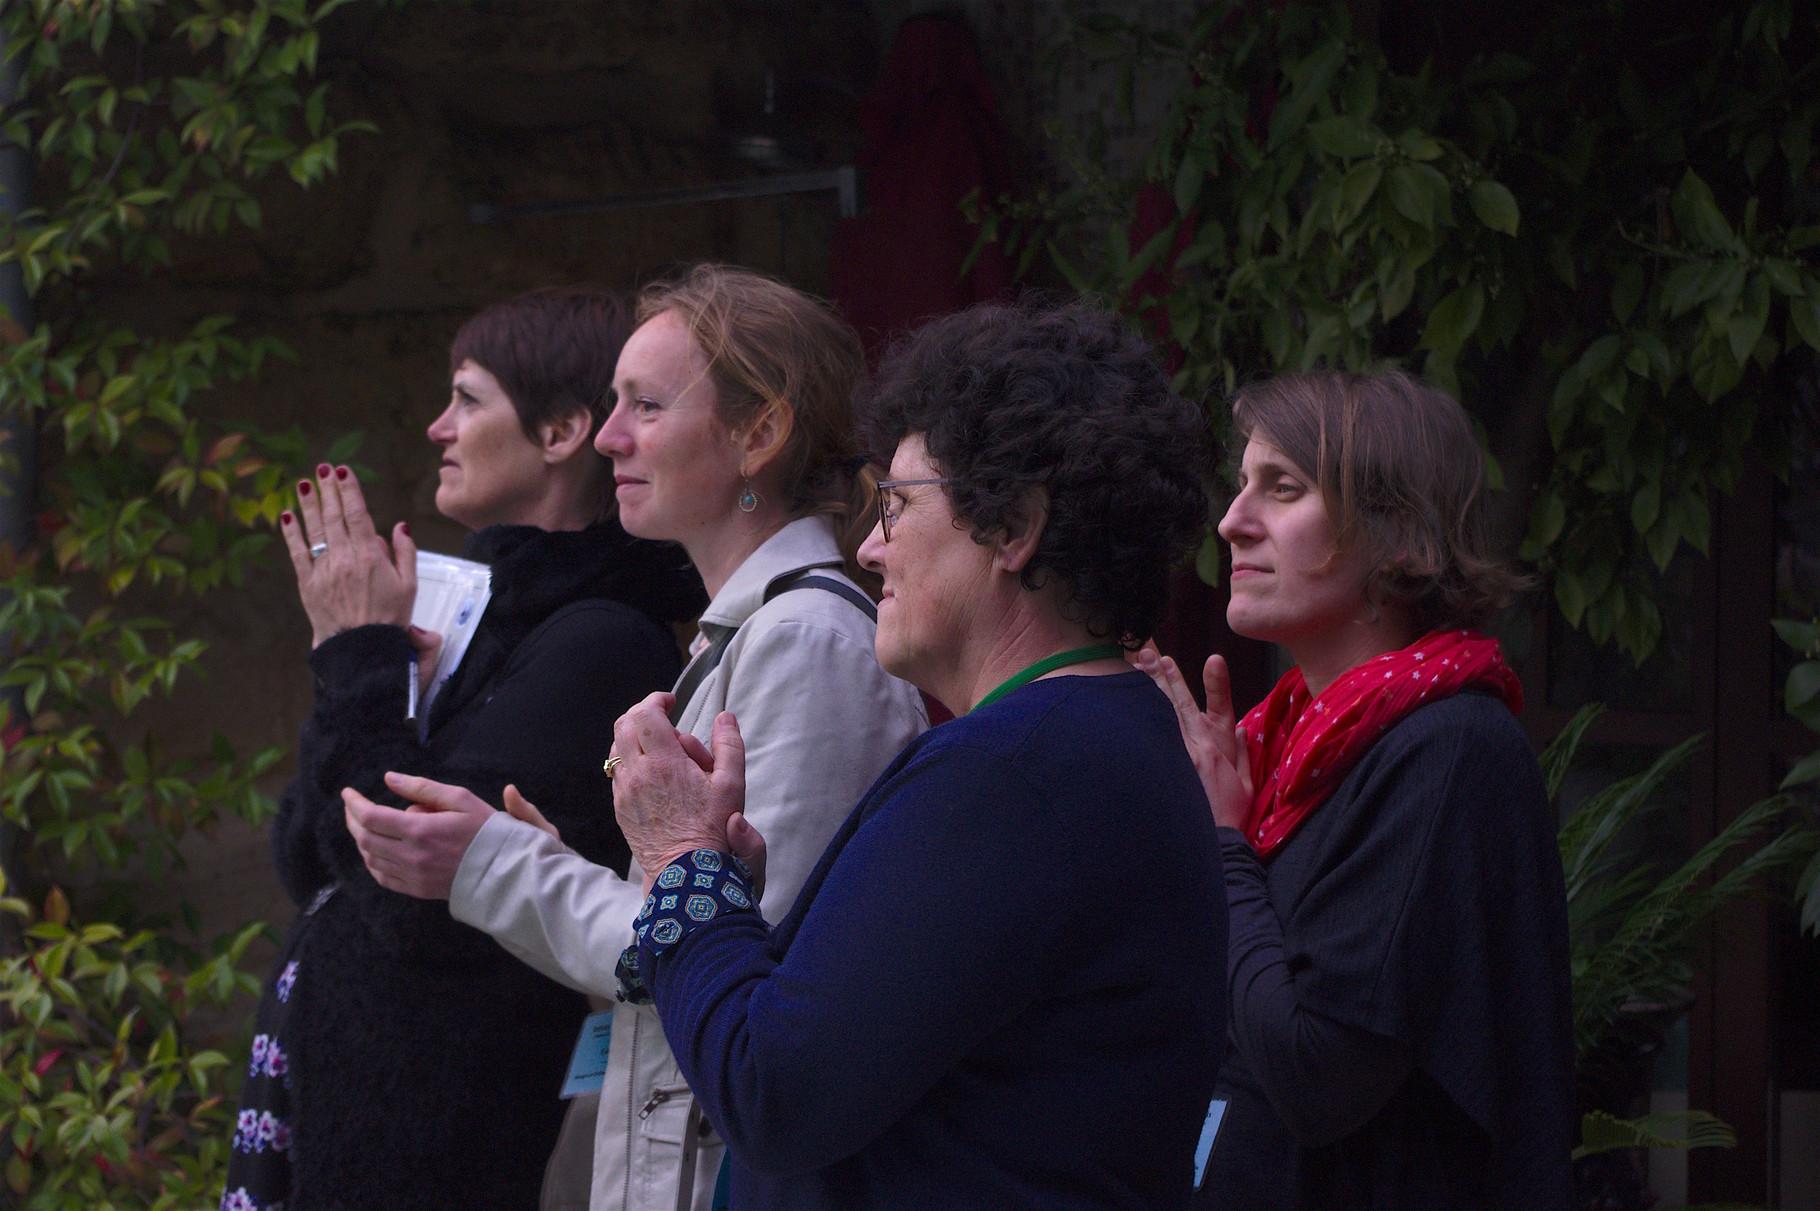 PALMARES AU CHÂTEAU LATOUR-SEGUR: Yannick, Cristina, Gaëlle et Anne